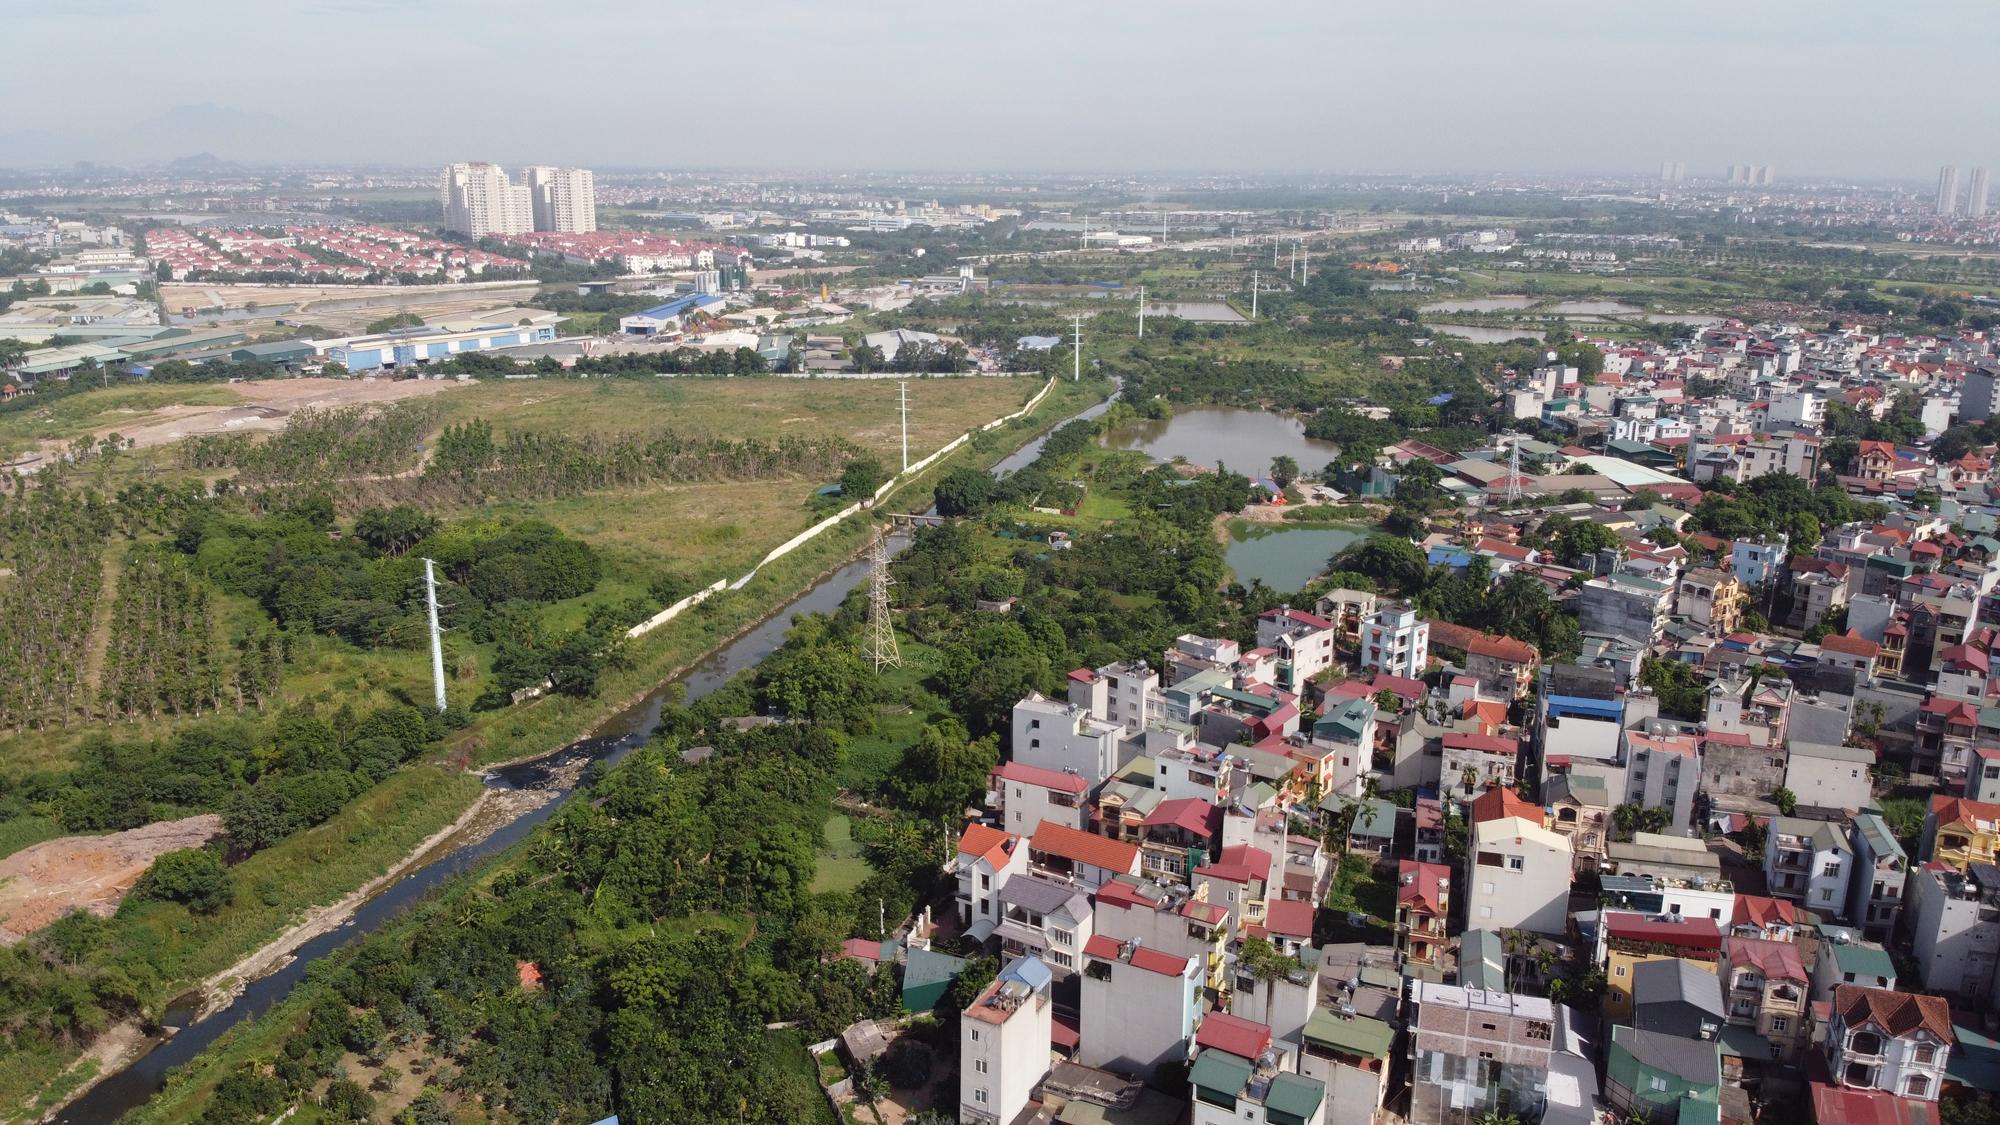 Toàn cảnh nơi xây dựng tuyến đường dài 3km trị giá gần 500 tỉ đồng ở quận Nam Từ Liêm - Ảnh 12.